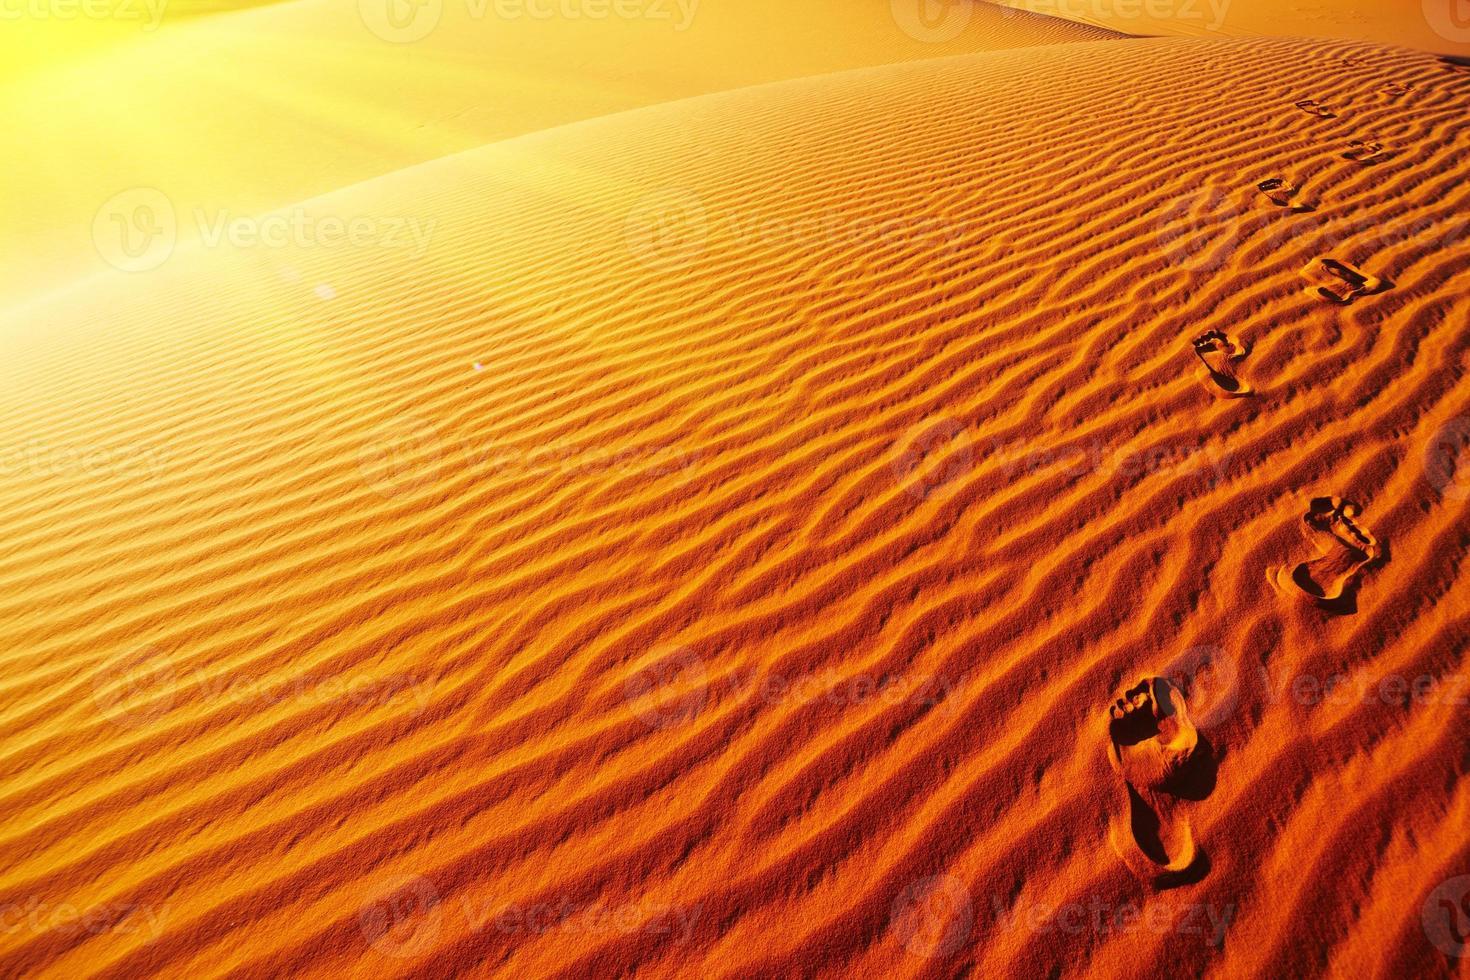 voetafdrukken op zandduin foto